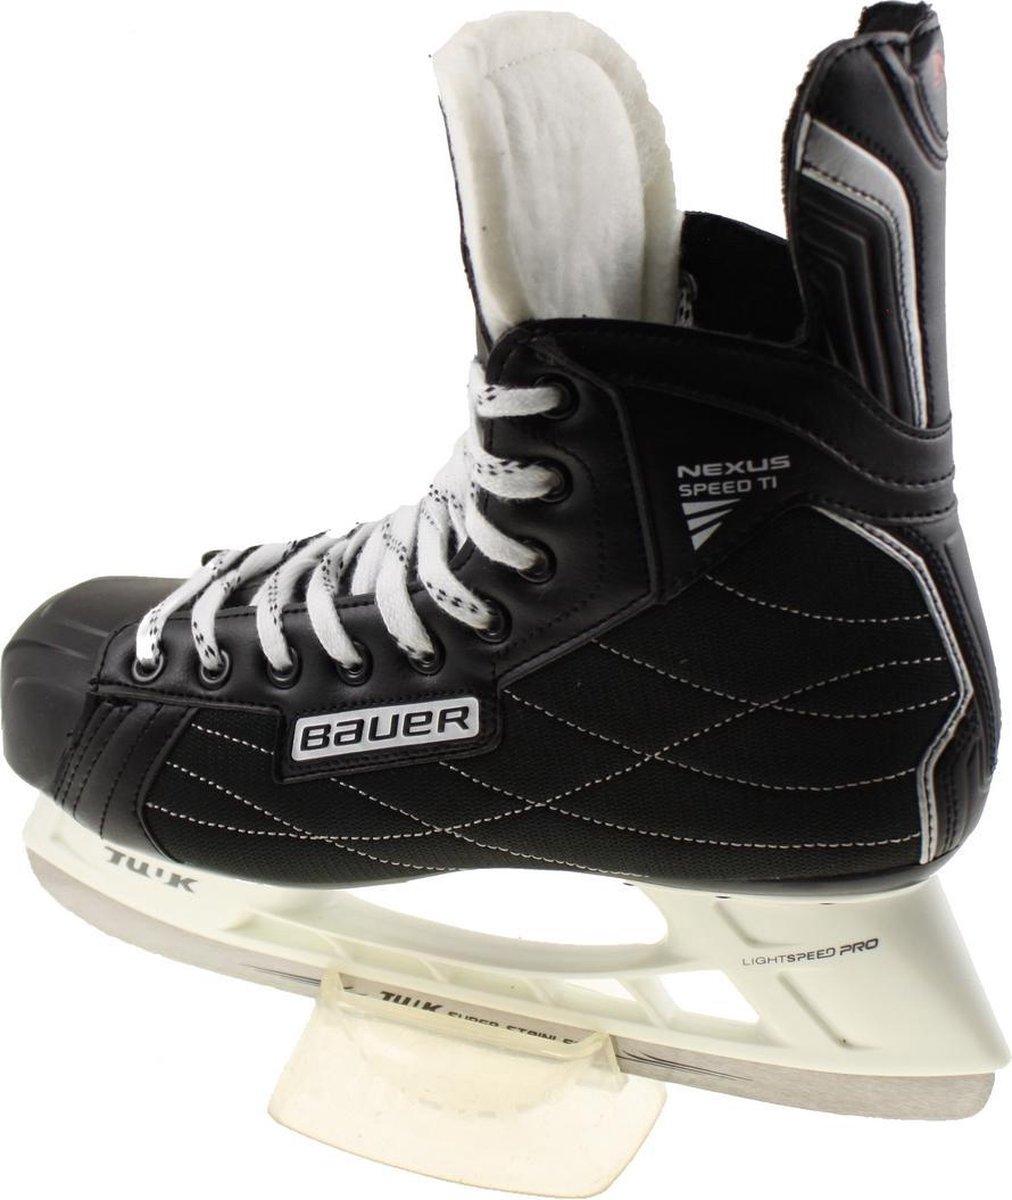 Bauer Nexus Speed TI IJshockeyschaats maat 42